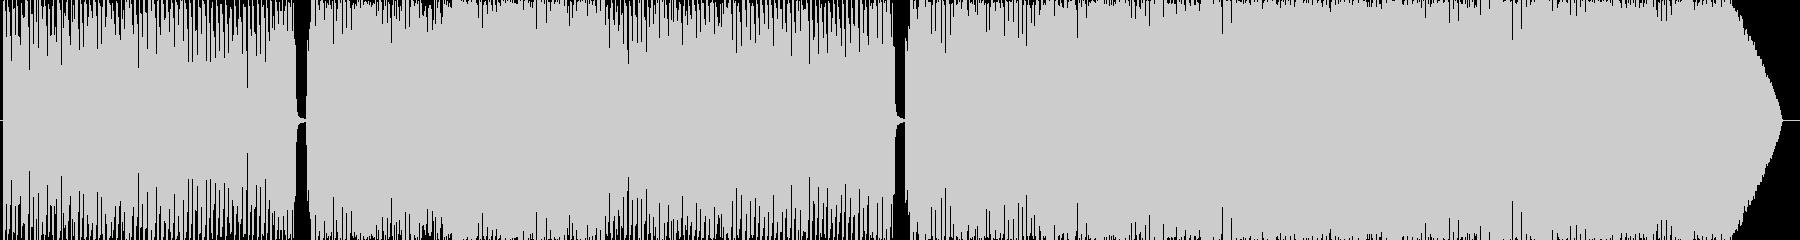 ピアノとフルートのメロディアステクノの未再生の波形